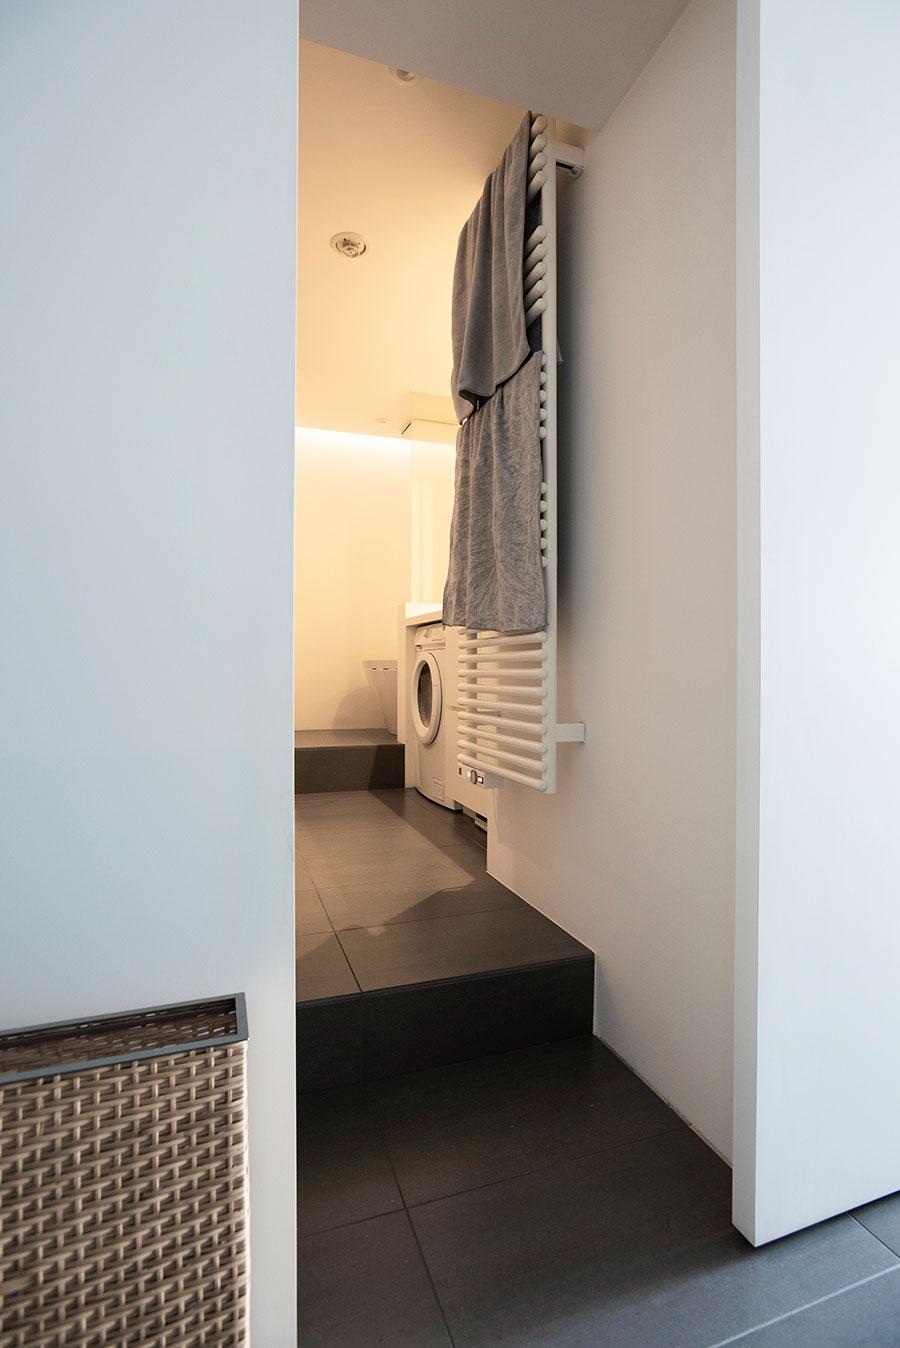 バスルームへの入り口。いつでもホカホカのタオルが使えるタオルウォーマーは、採用して良かったもののひとつ。